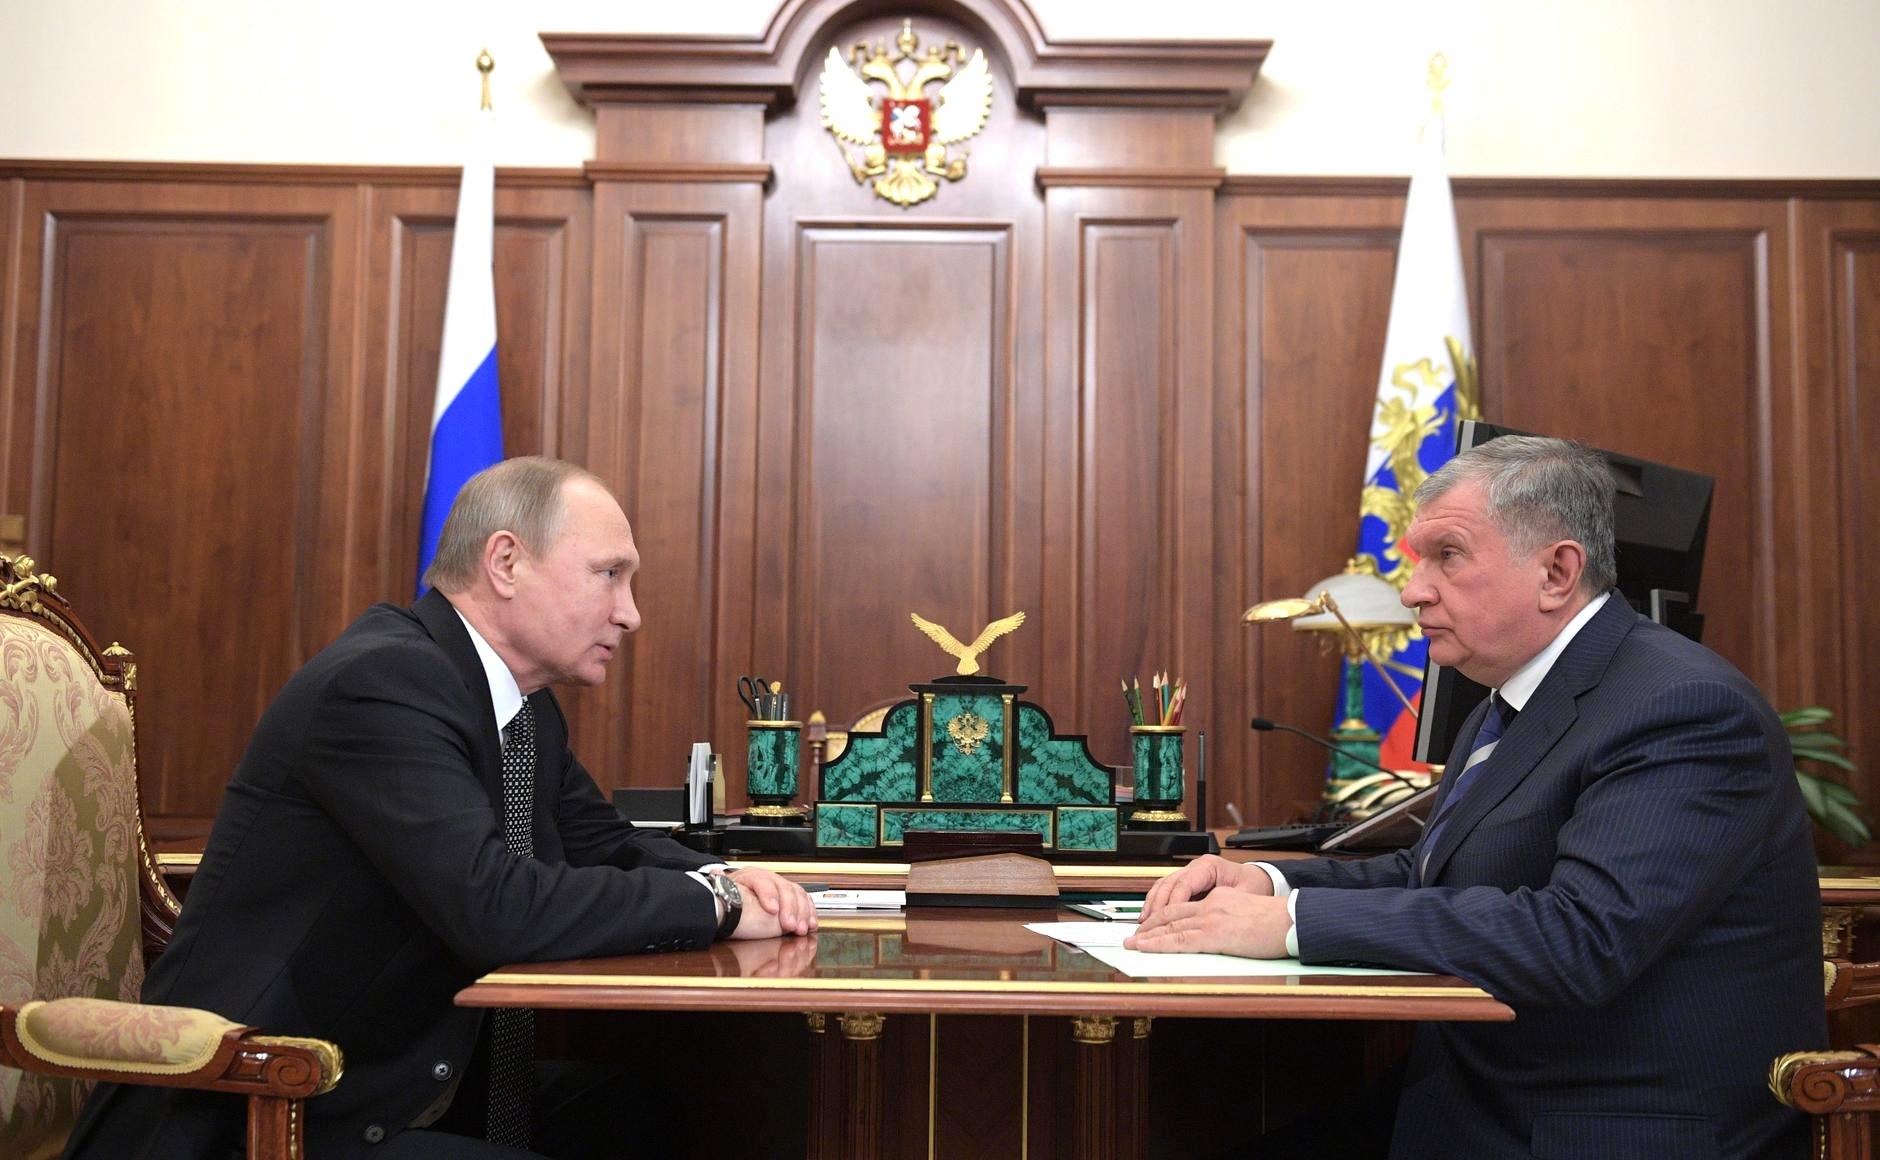 Сечин отметил аккуратность Путина в принятии решений